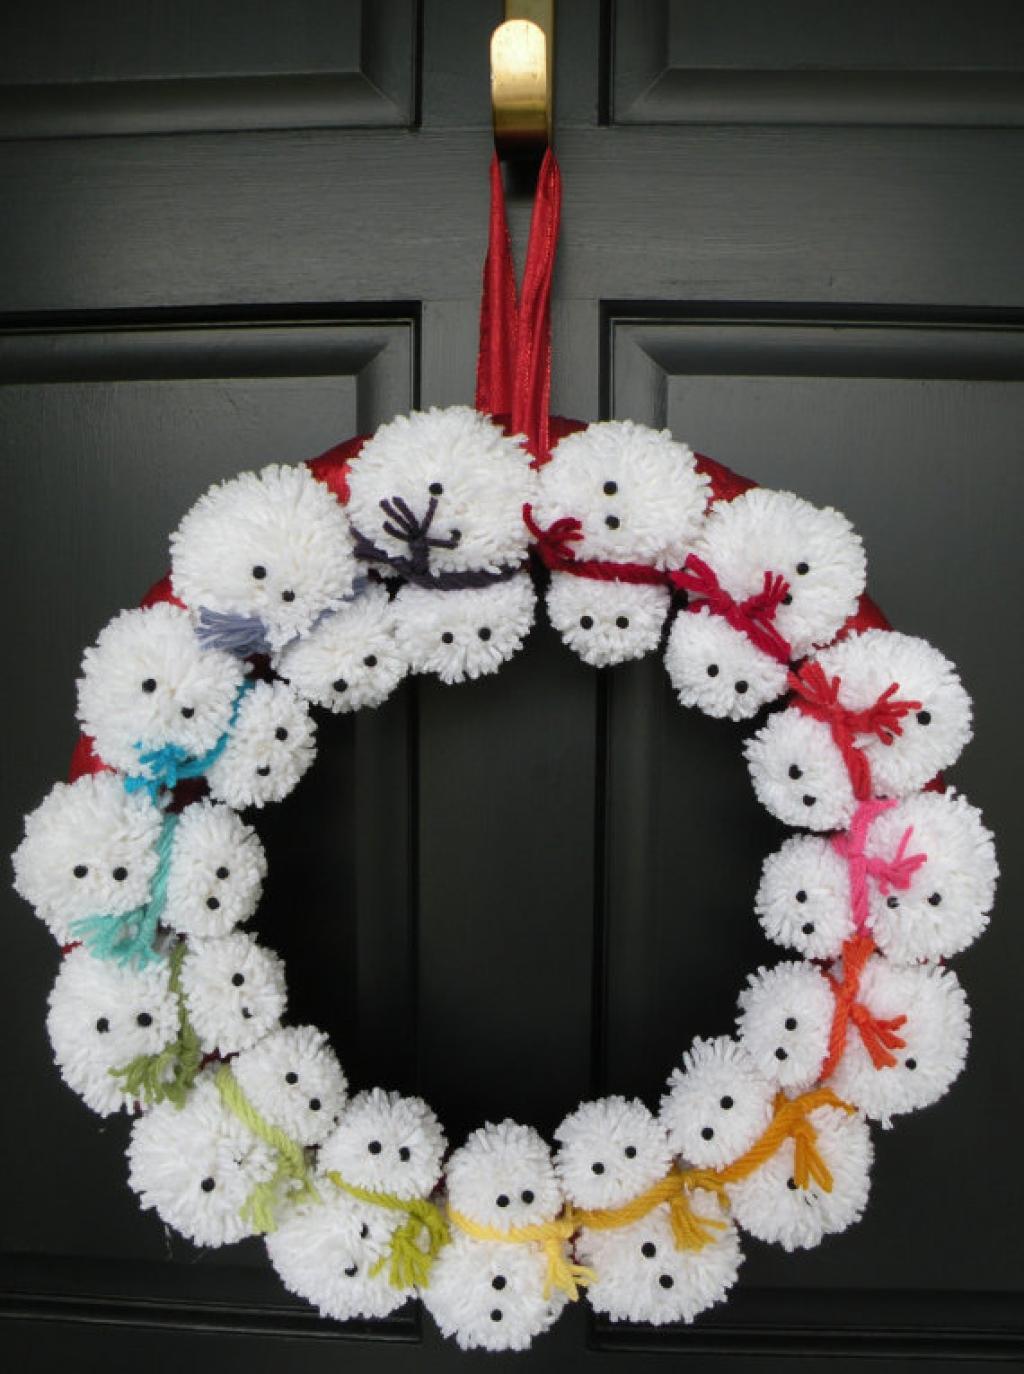 #A87223 Idées Déco Spéciale Noël Découvrez Les Vidéos Gratuites 5713 idée décoration noel classe 1024x1374 px @ aertt.com